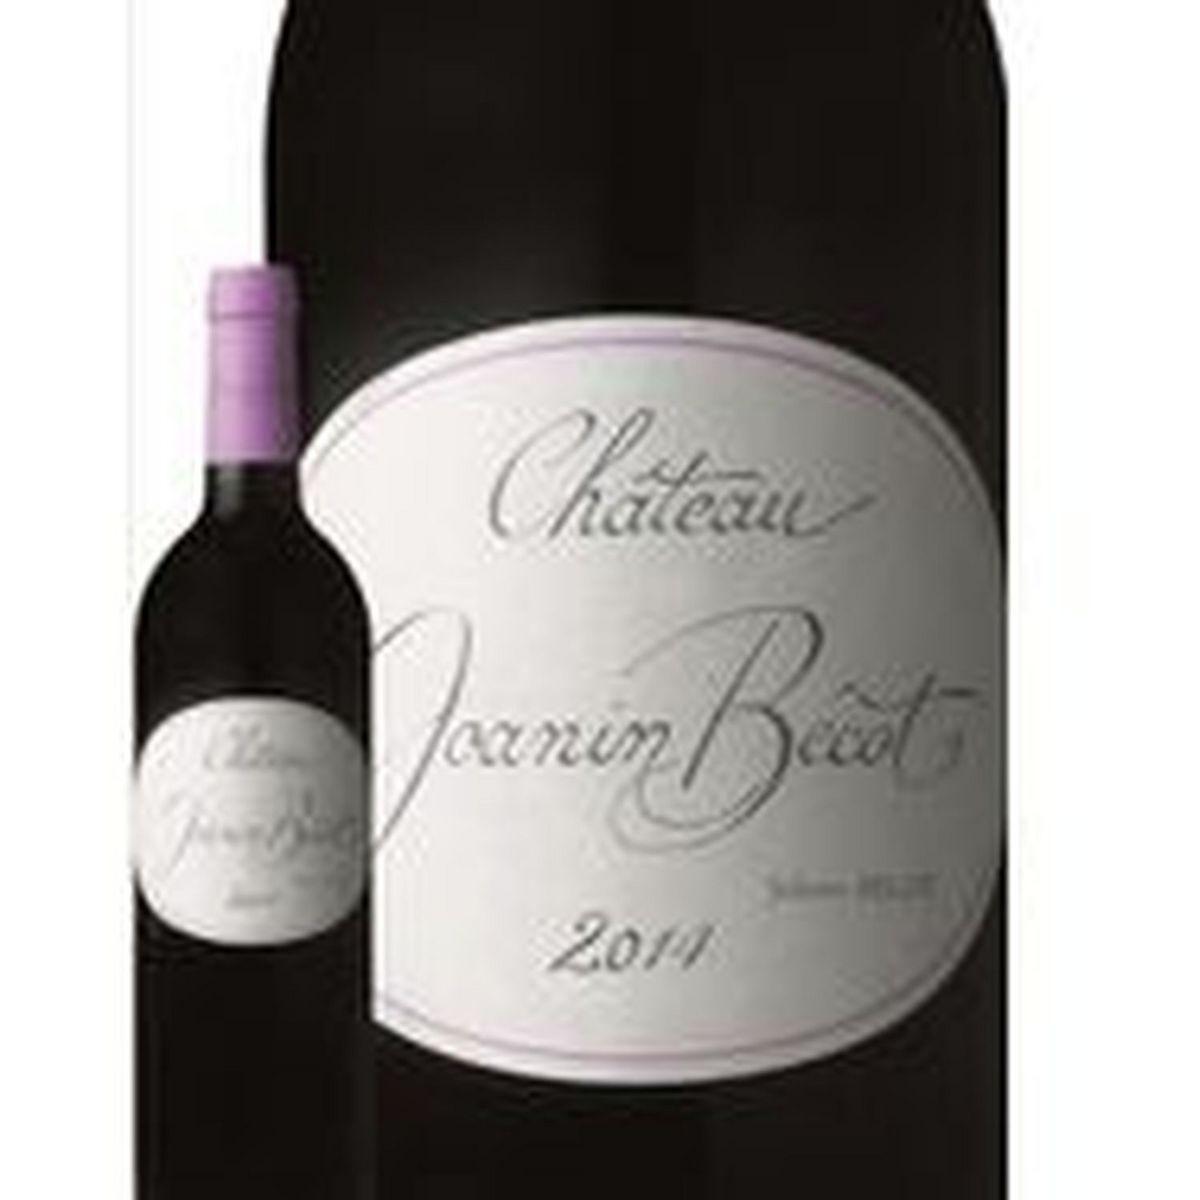 AOP Côtes-de-Bordeaux Château Joanin Bécot rouge 2014